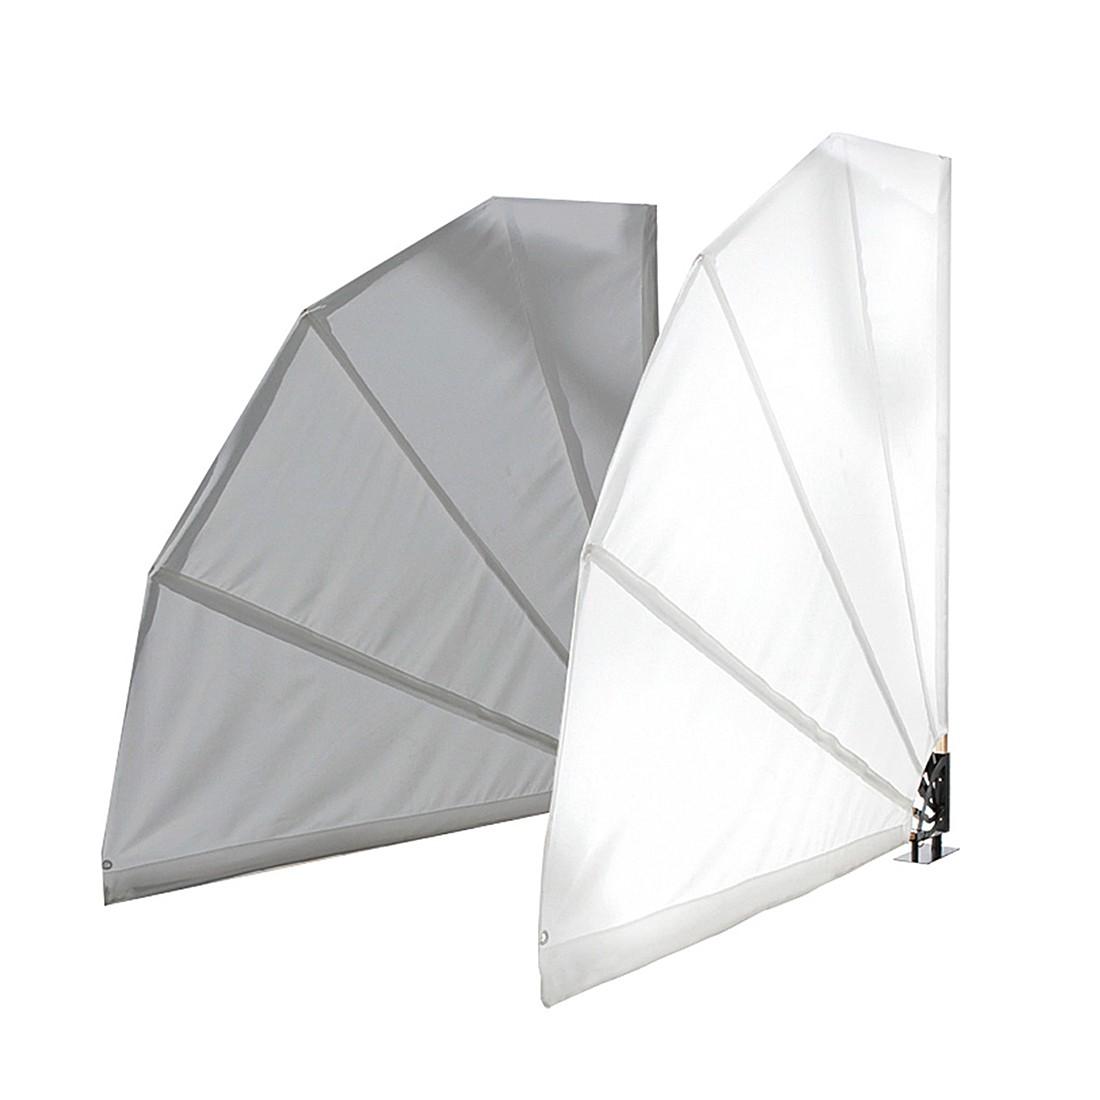 Sichtschutz in Fächerform – Textilgewebe/Holz/Metall – Weiß, PureDay günstig kaufen